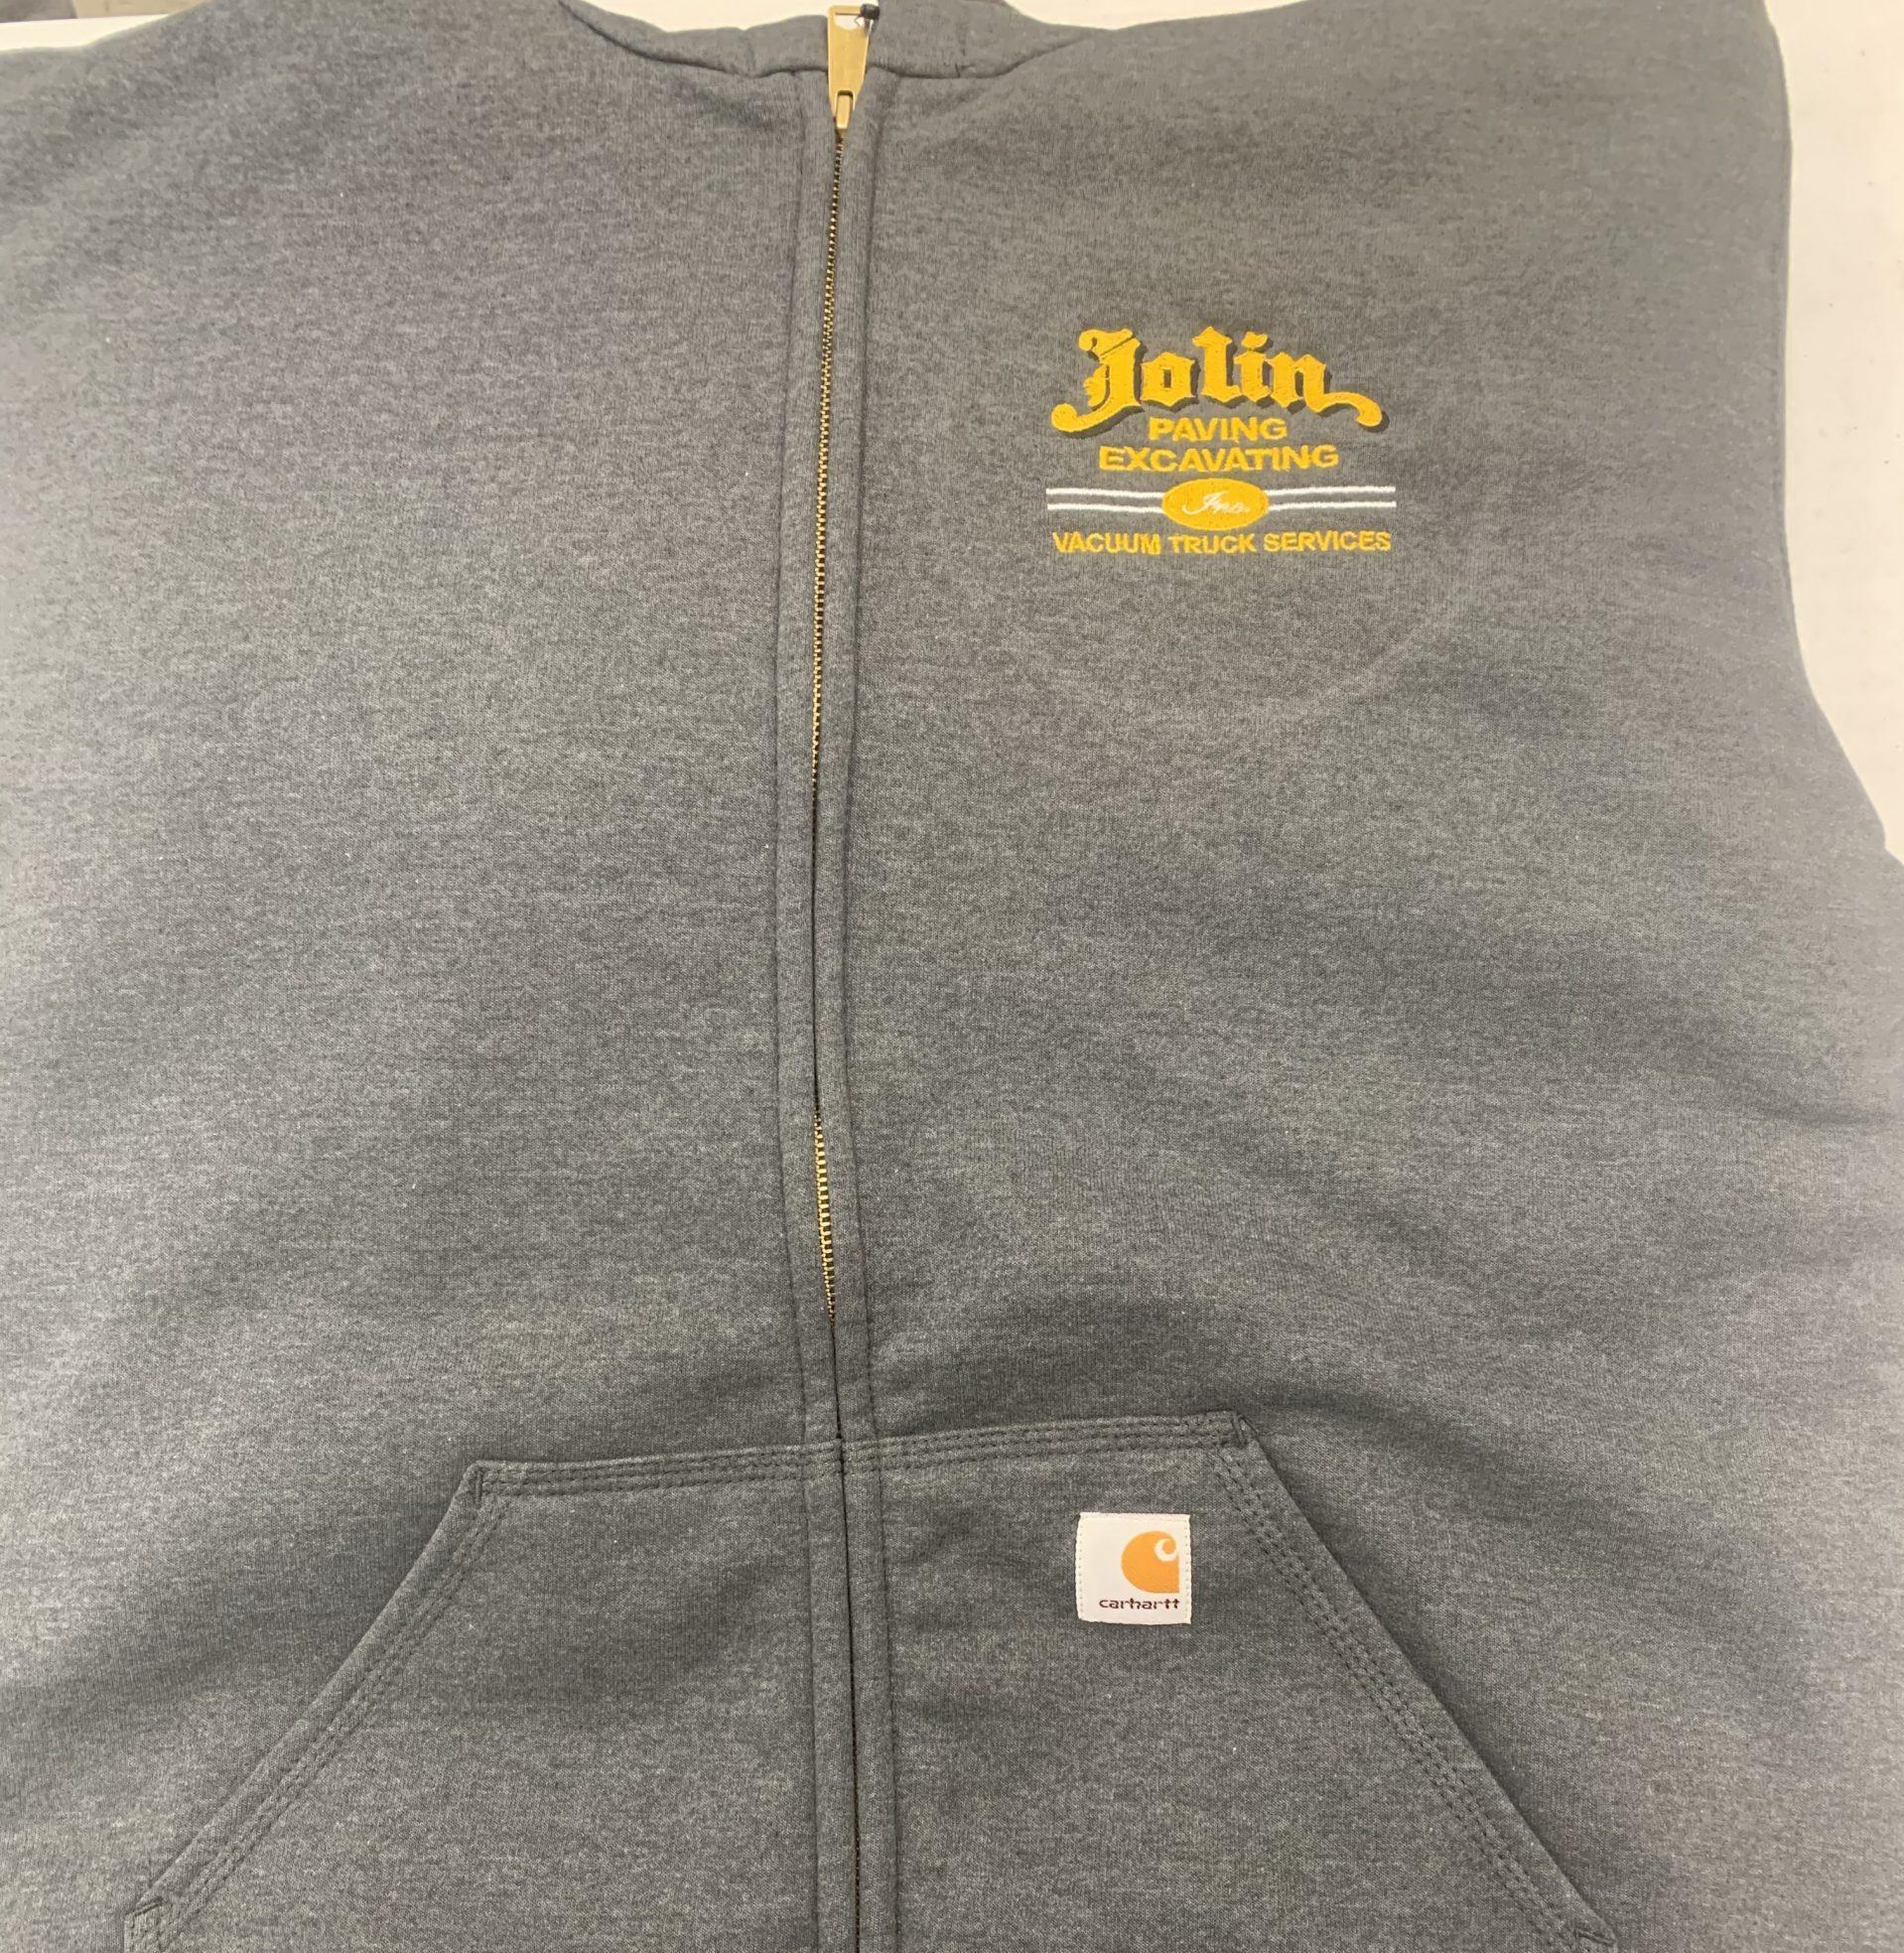 jolin hooded sweatshirt screen printed